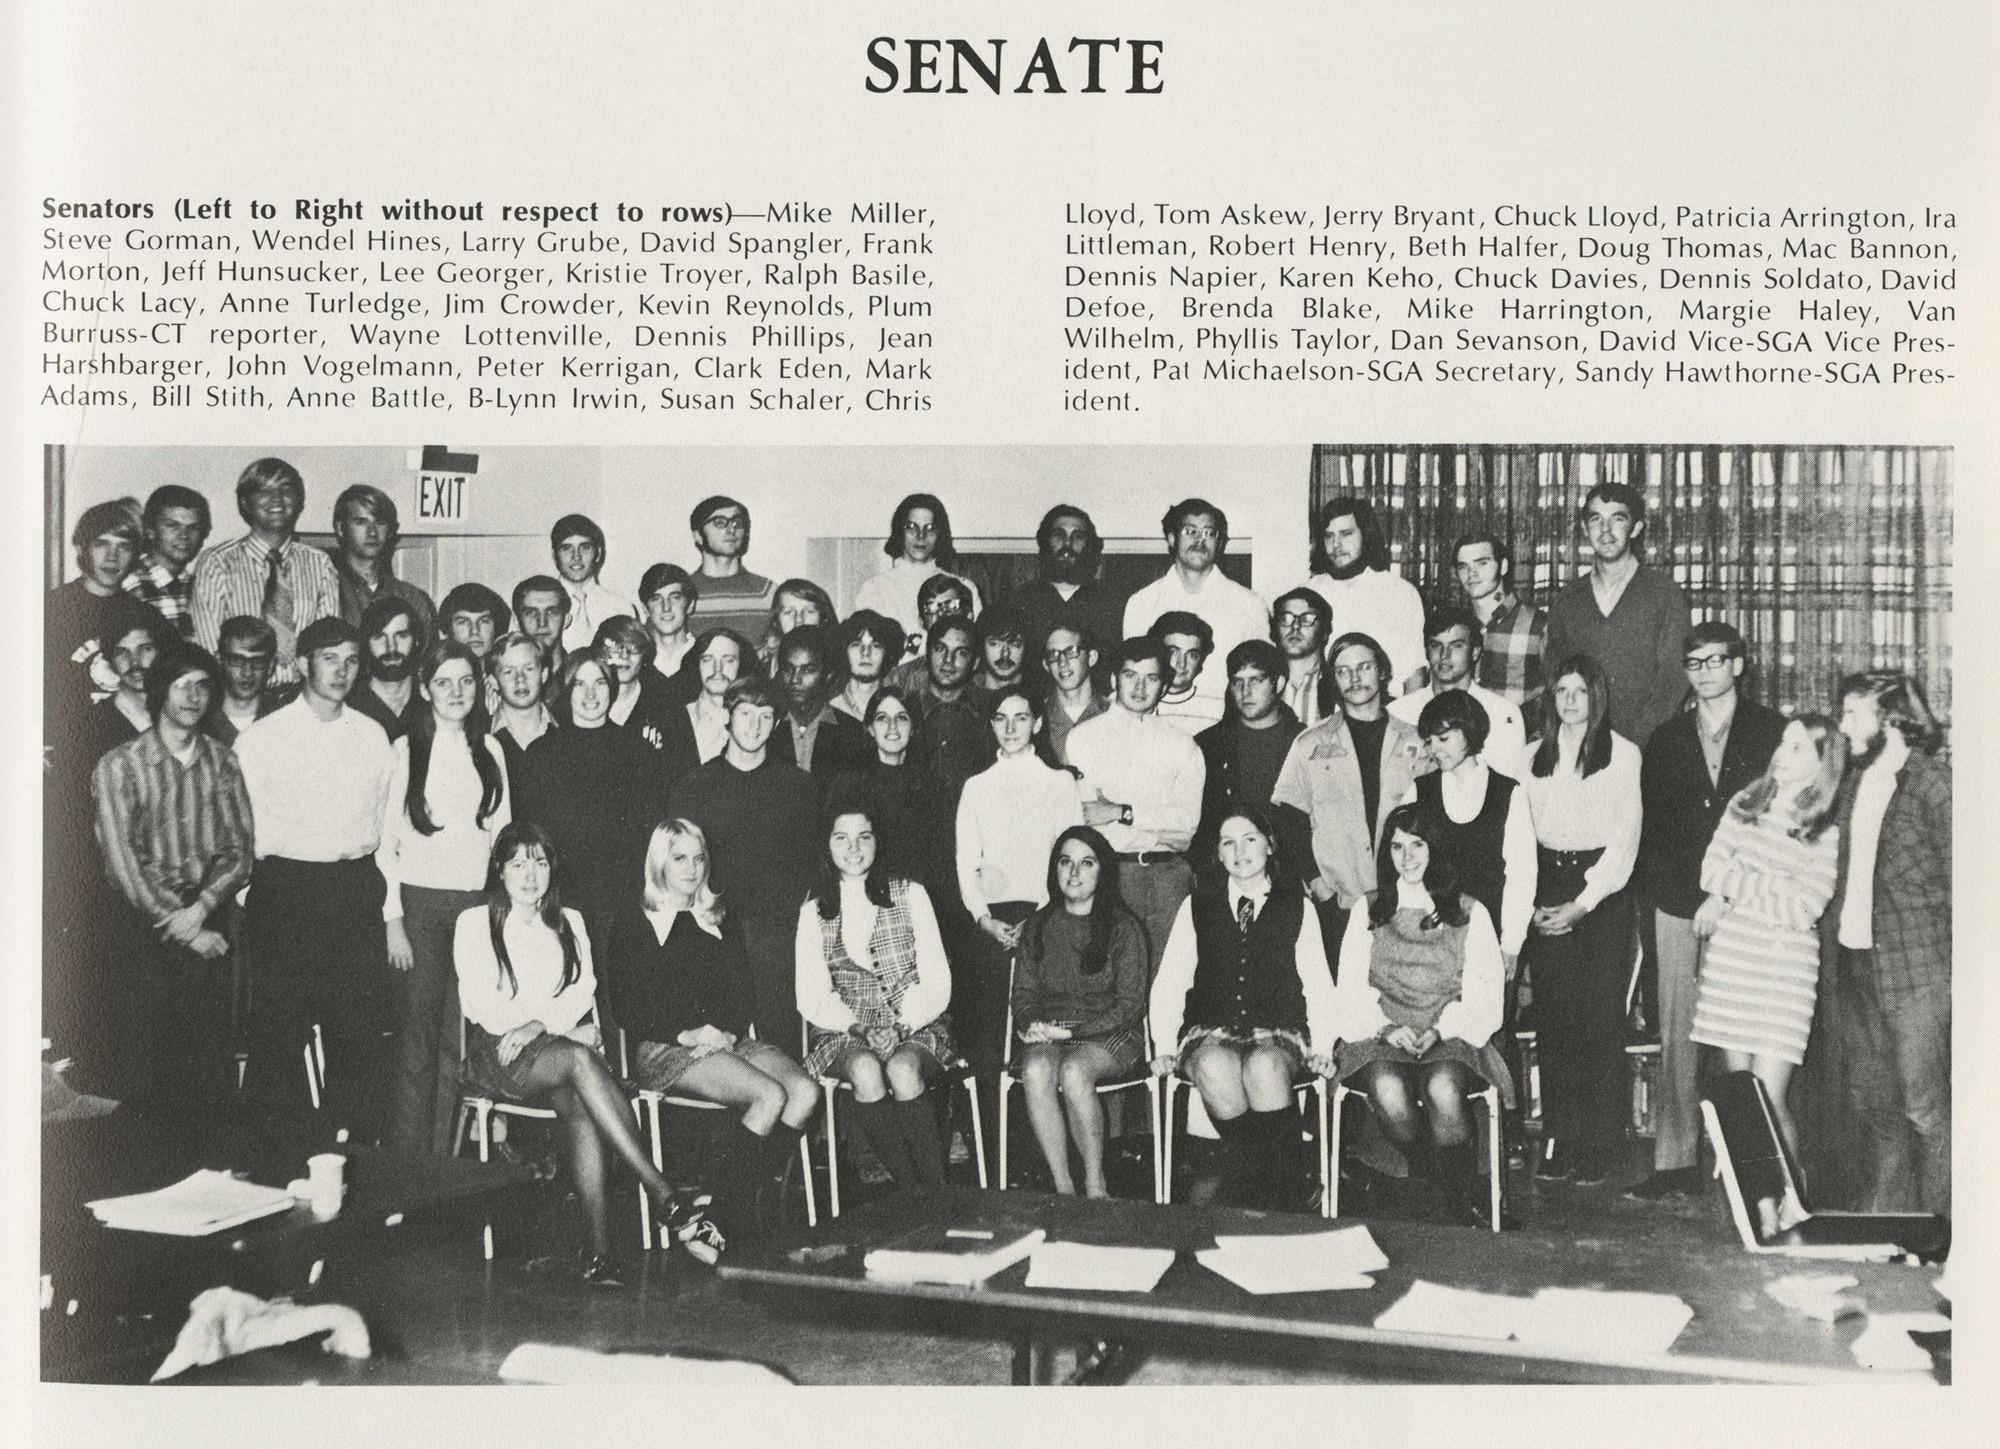 http://spec.lib.vt.edu/pickup/Omeka_upload/Bugle1971_pg263_Senate.jpg